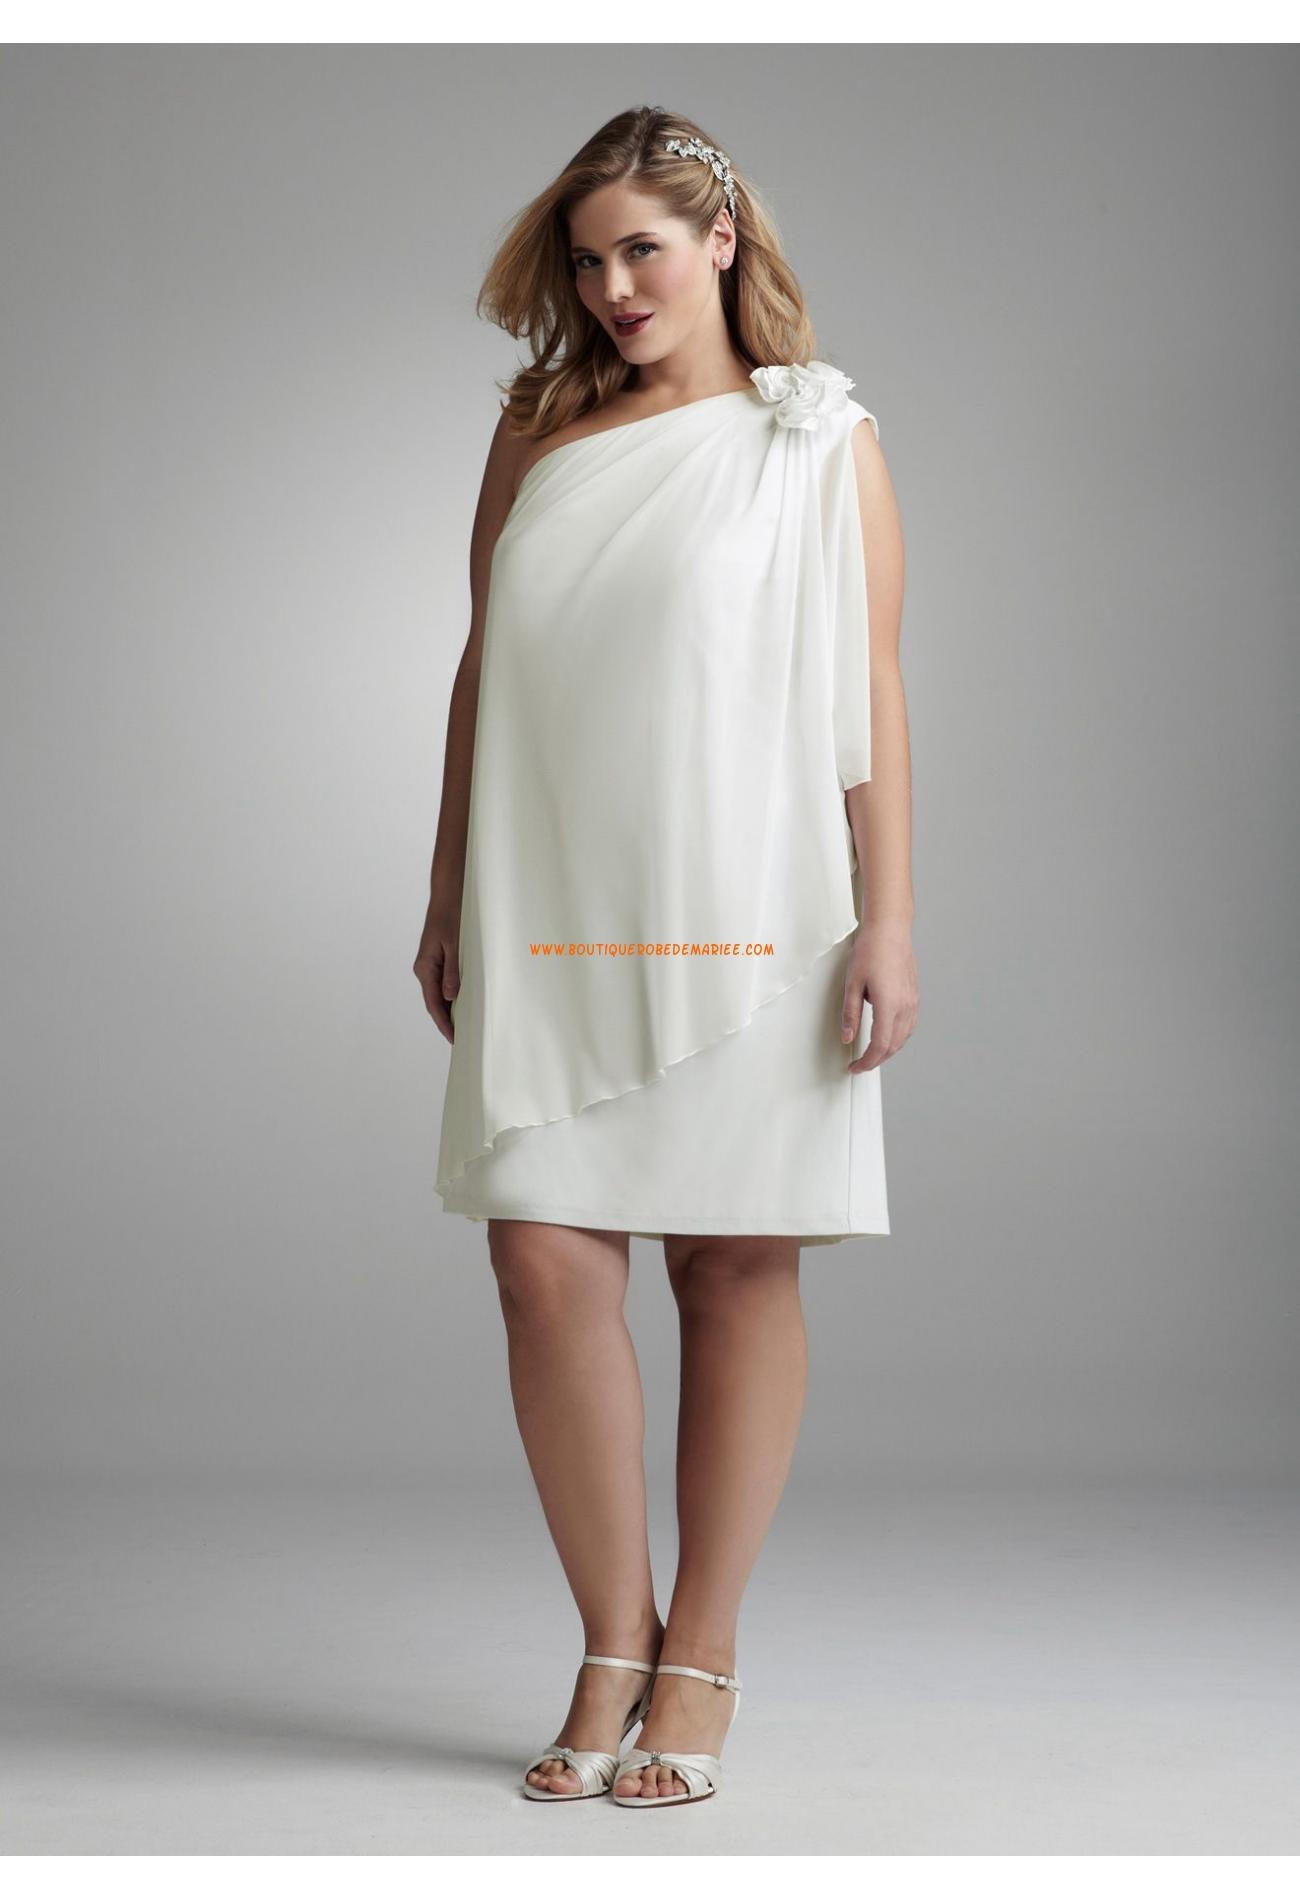 d7620f4aed6 robe de soirée grande taille mi-longue. Je veux voir plus de Robes biens  notées par les internautes et pas cher ICI